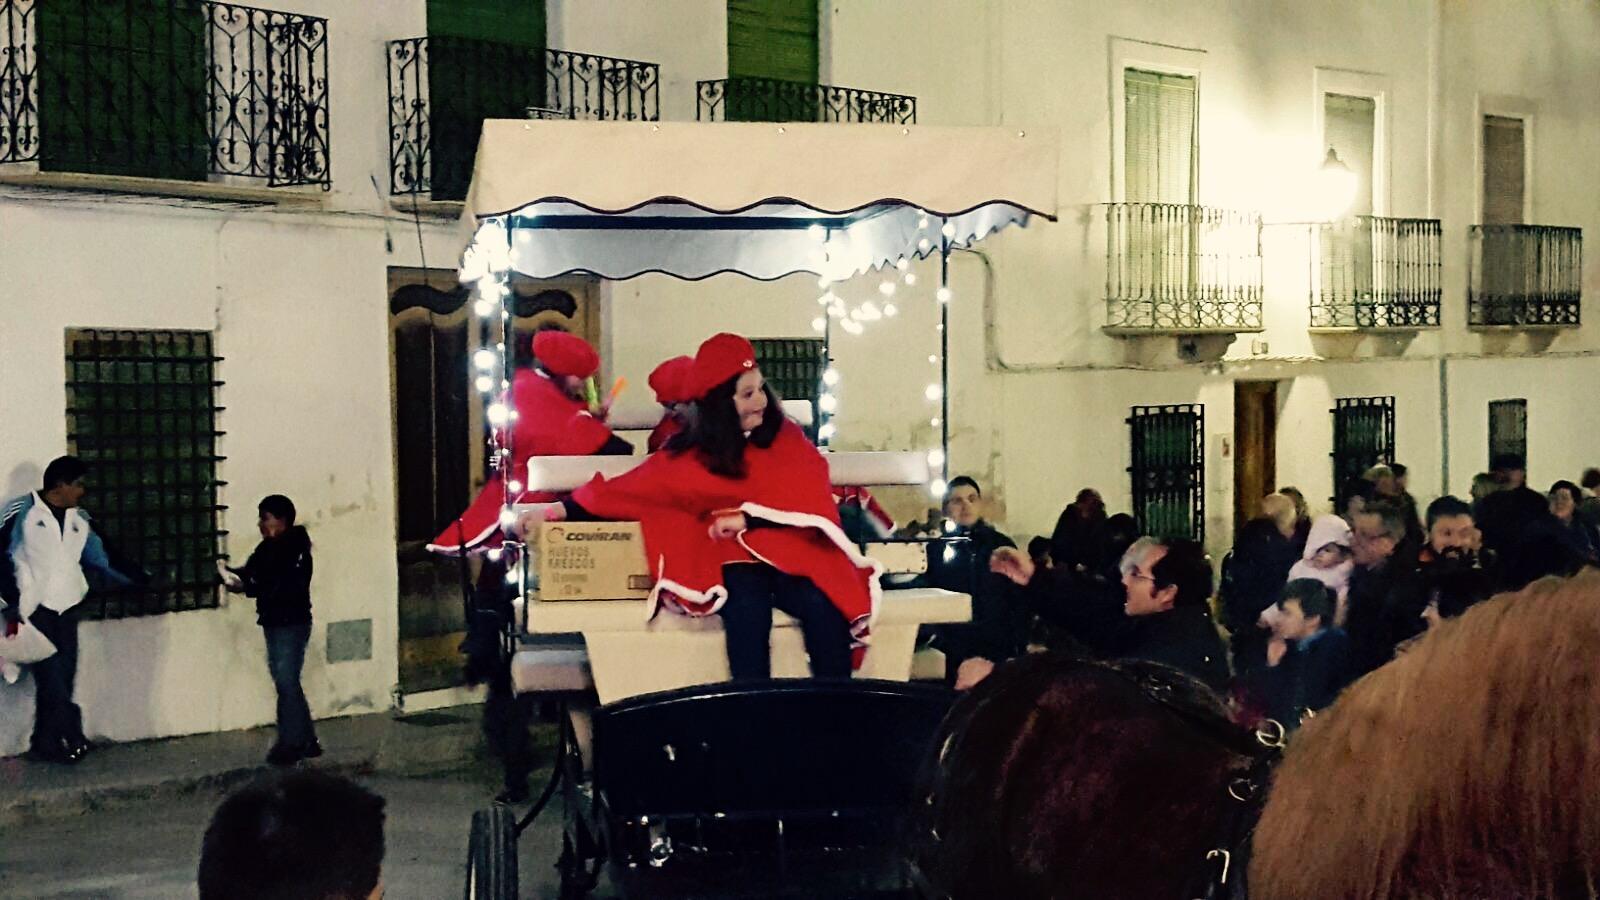 Cabalgata de Reyes Magos 2017. Foto: Miguel A. Martínez Muñoz